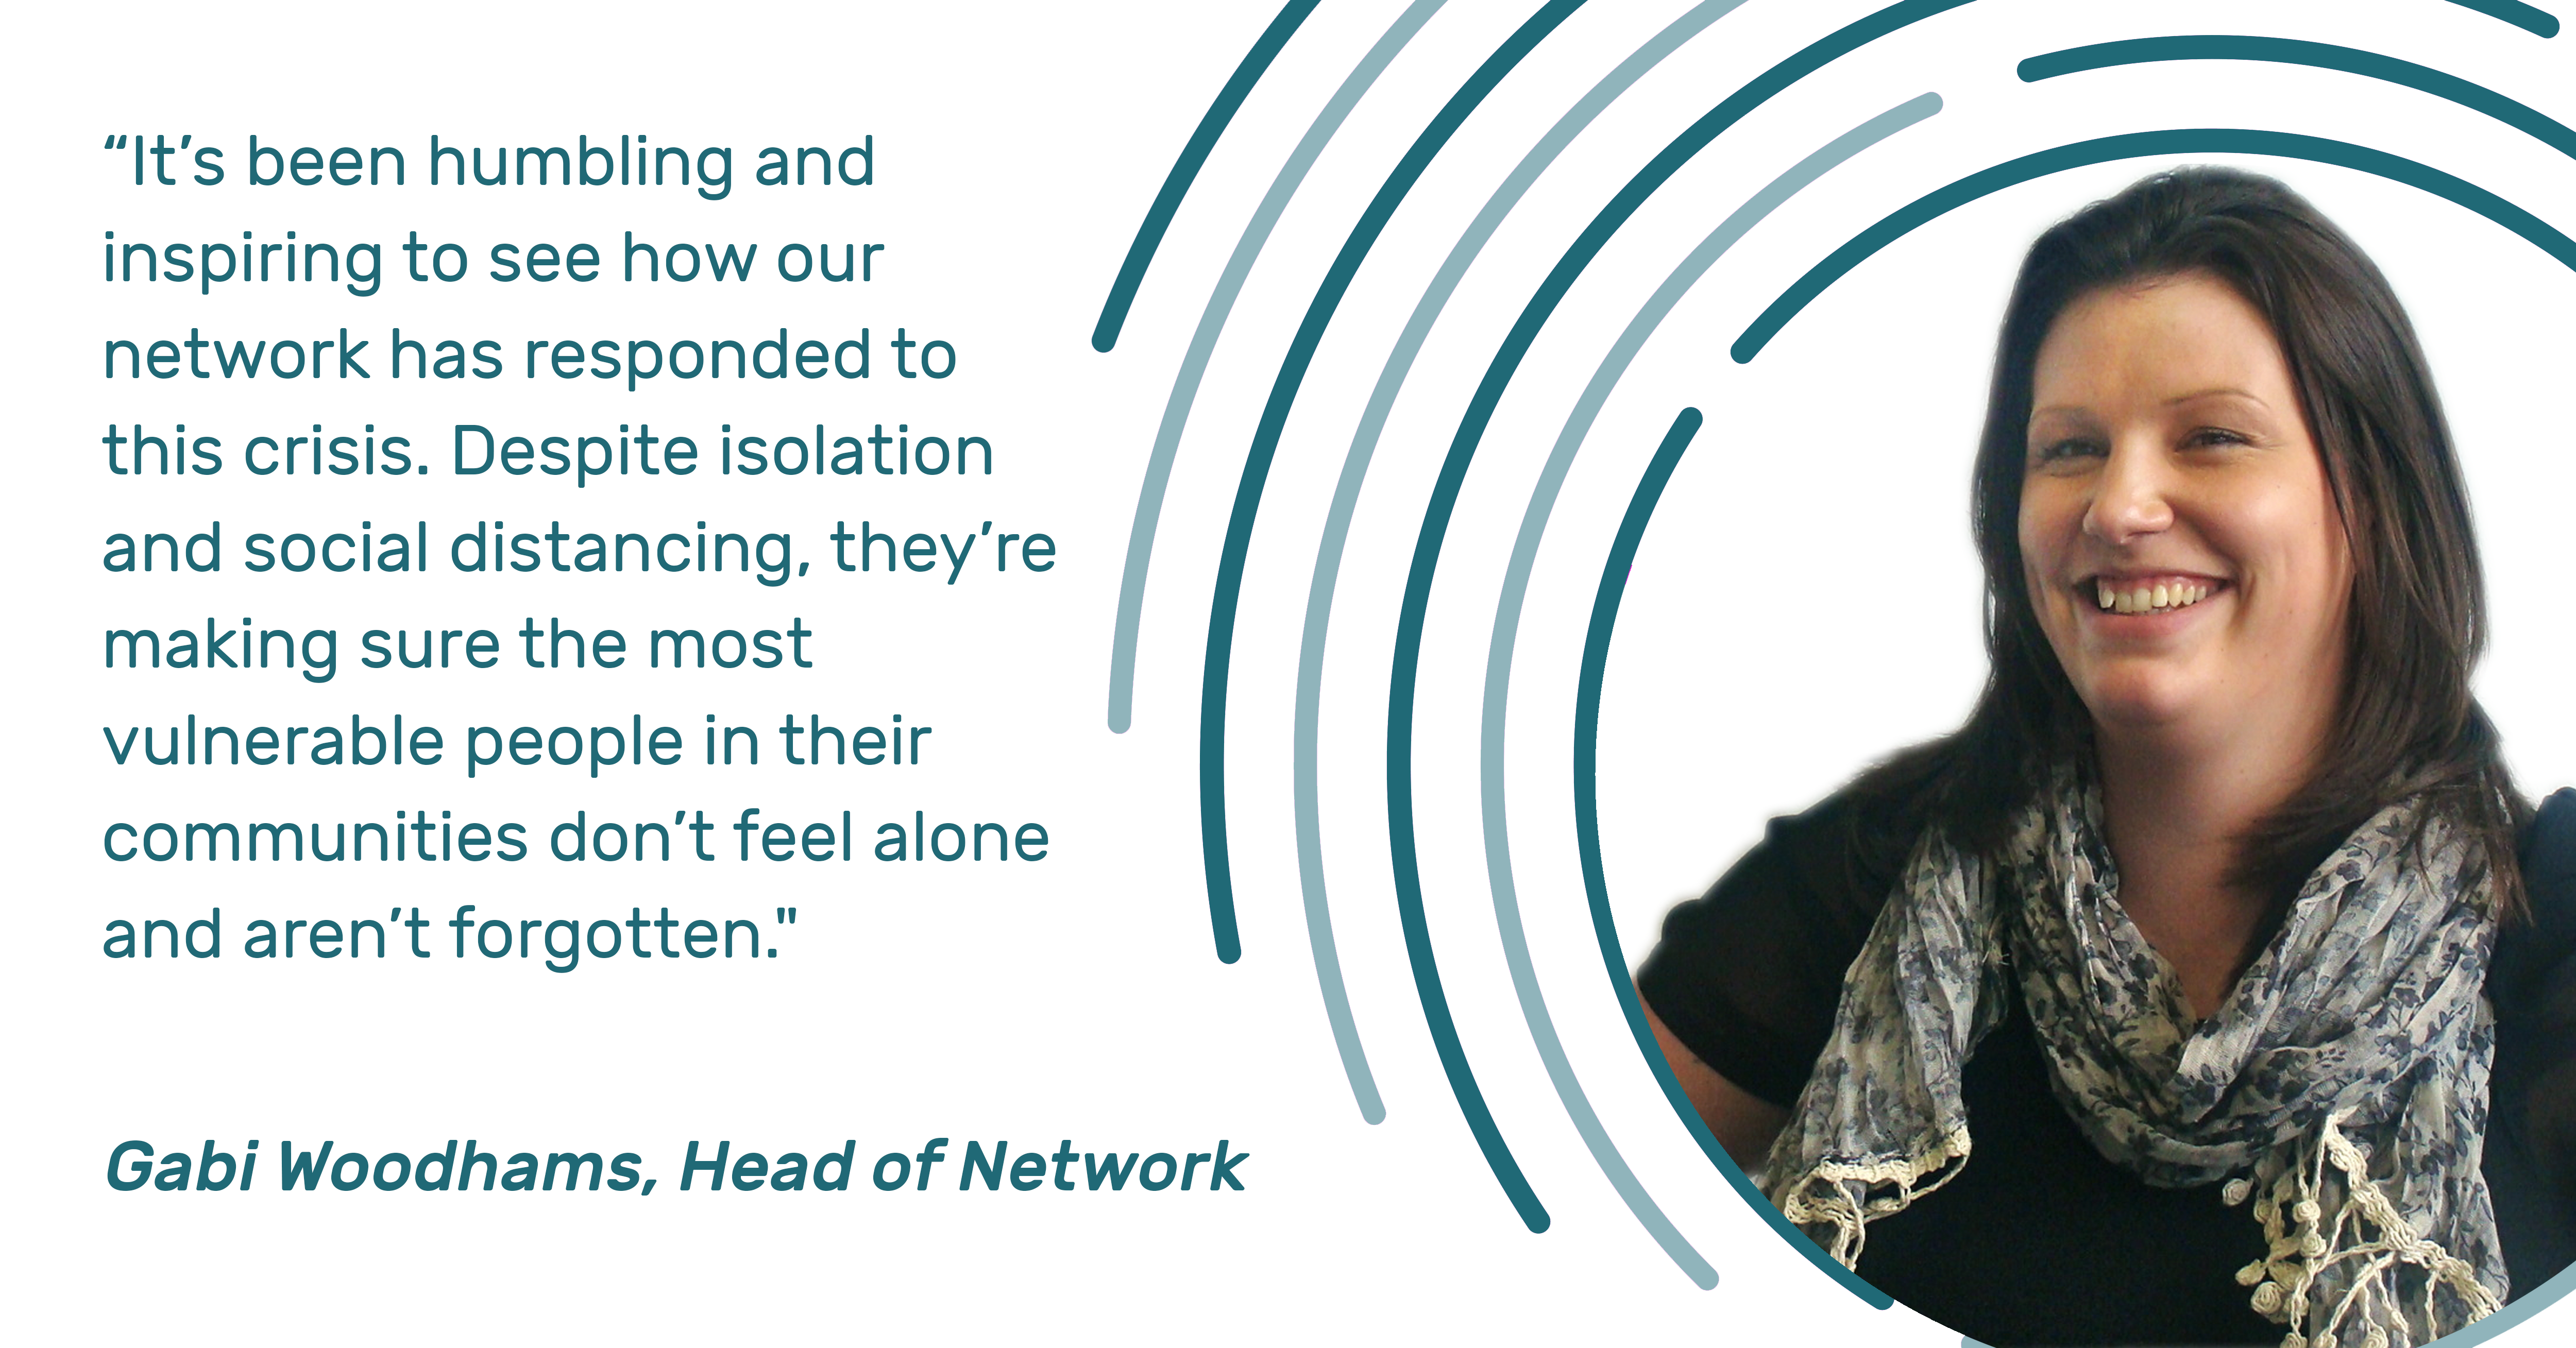 Gabi Woodhams, Head of Network Blog